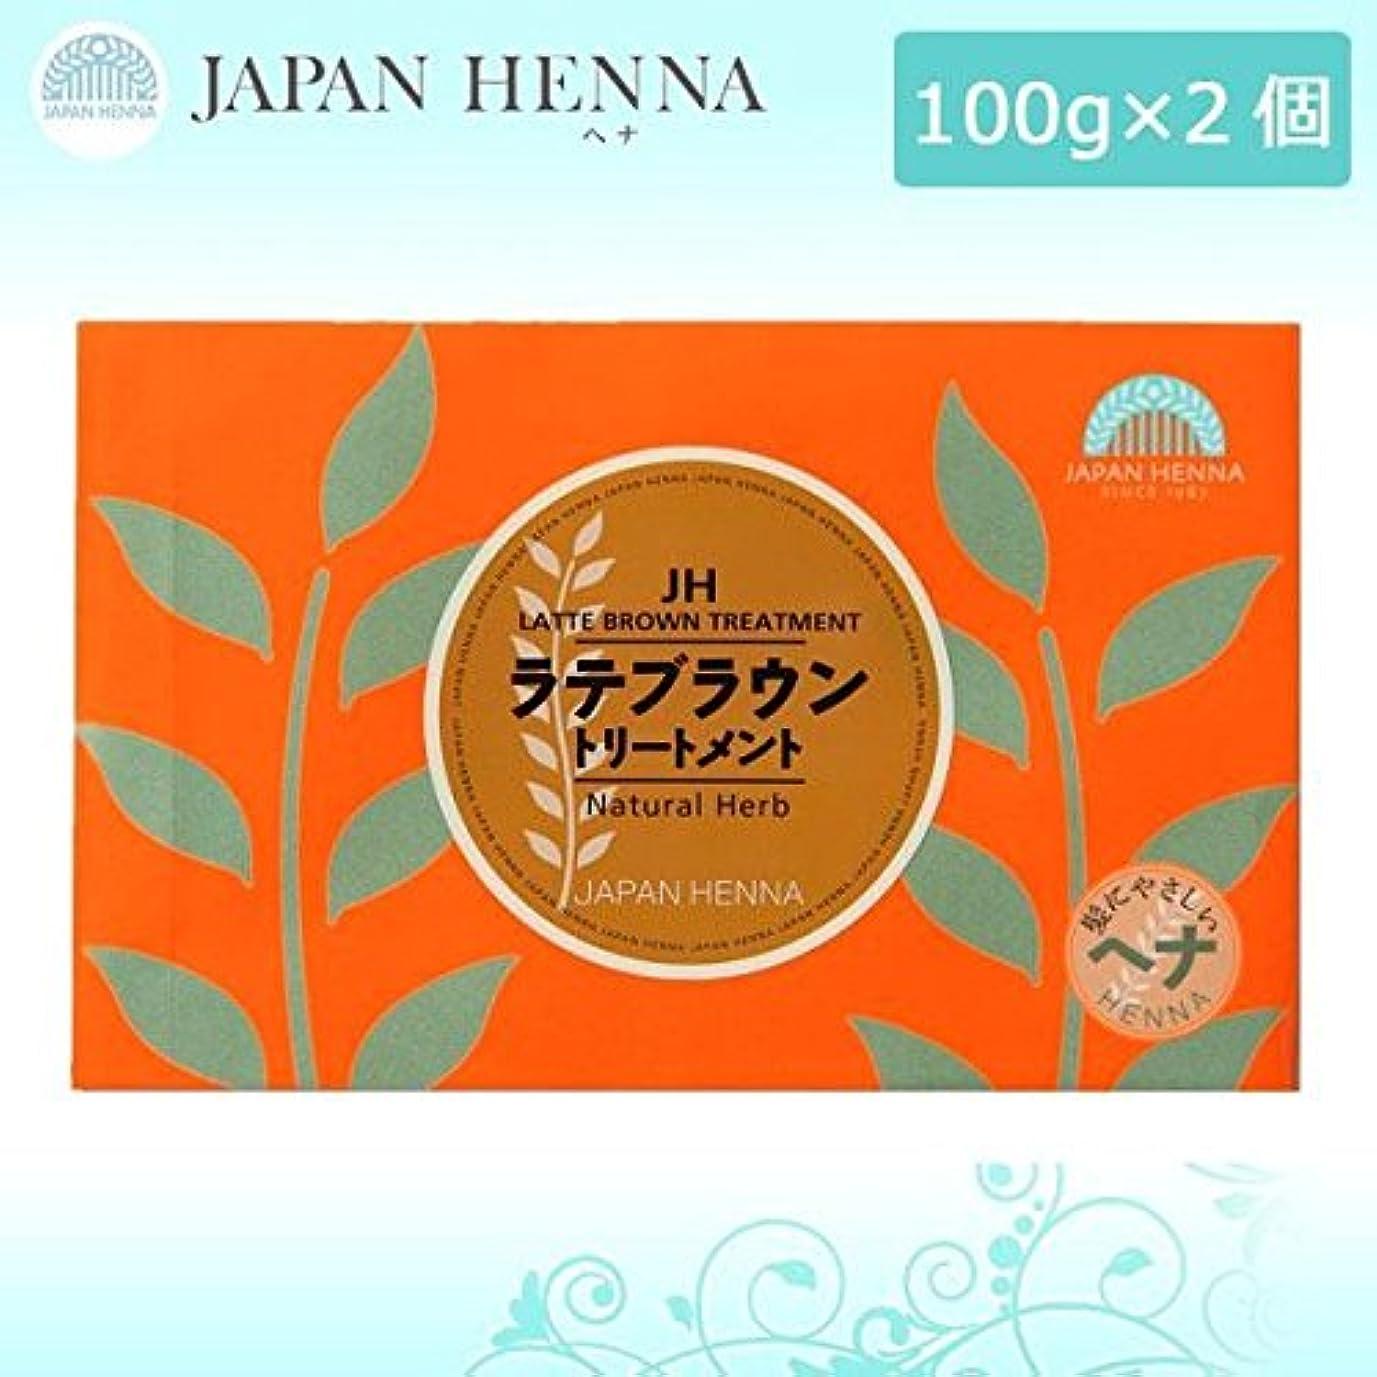 害服を片付ける国内のジャパンヘナ ヘナカラートリートメント ラテブラウン B-10 100g×2個セット